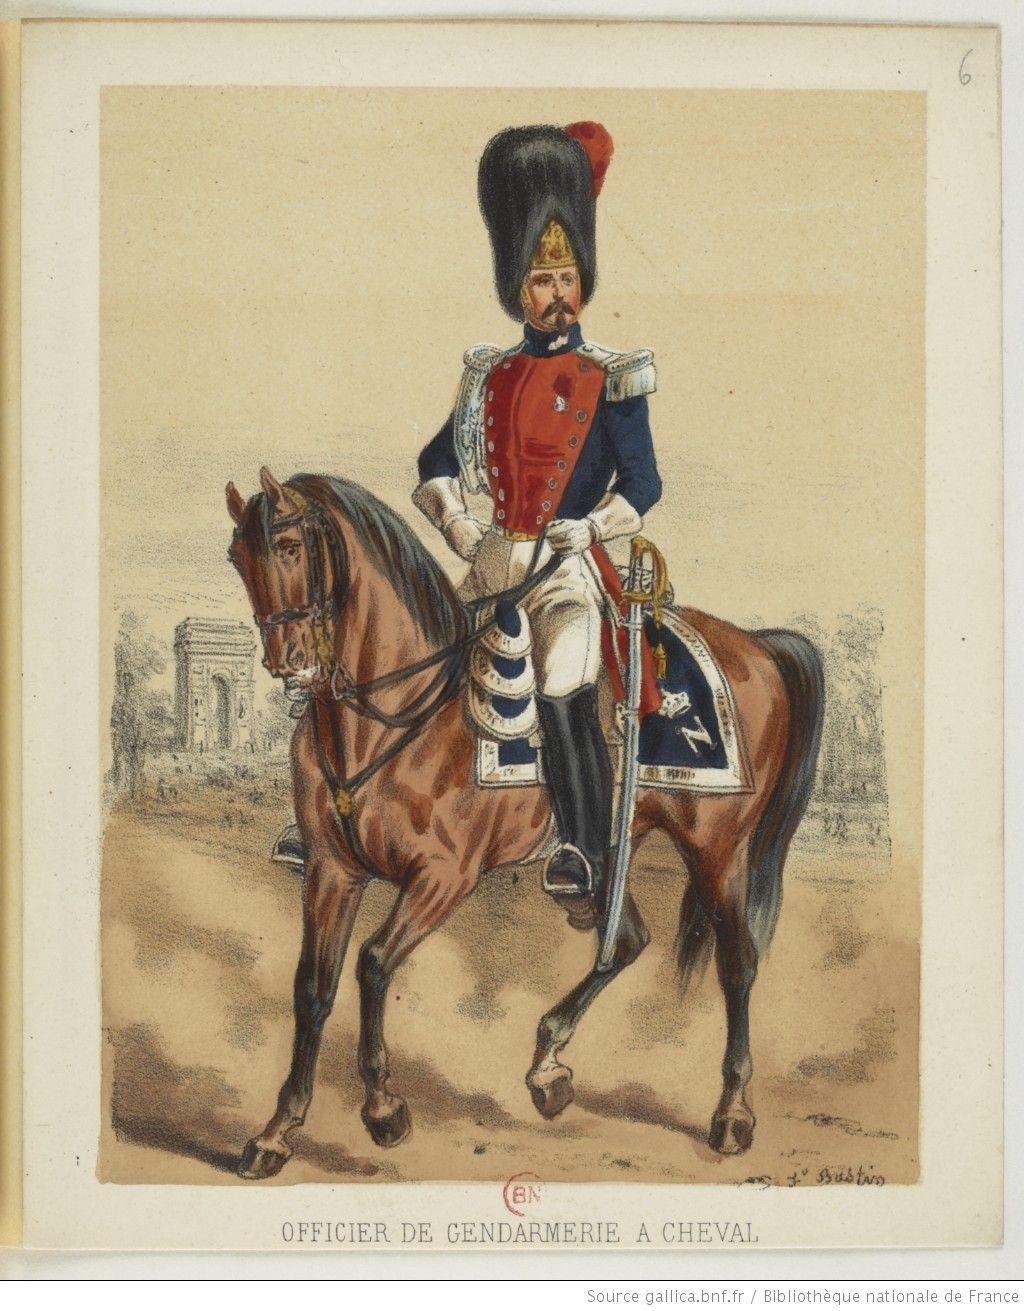 [Armée française sous Napoléon III / dessinée par F. Bastien, 1854-1856.]   Gallica